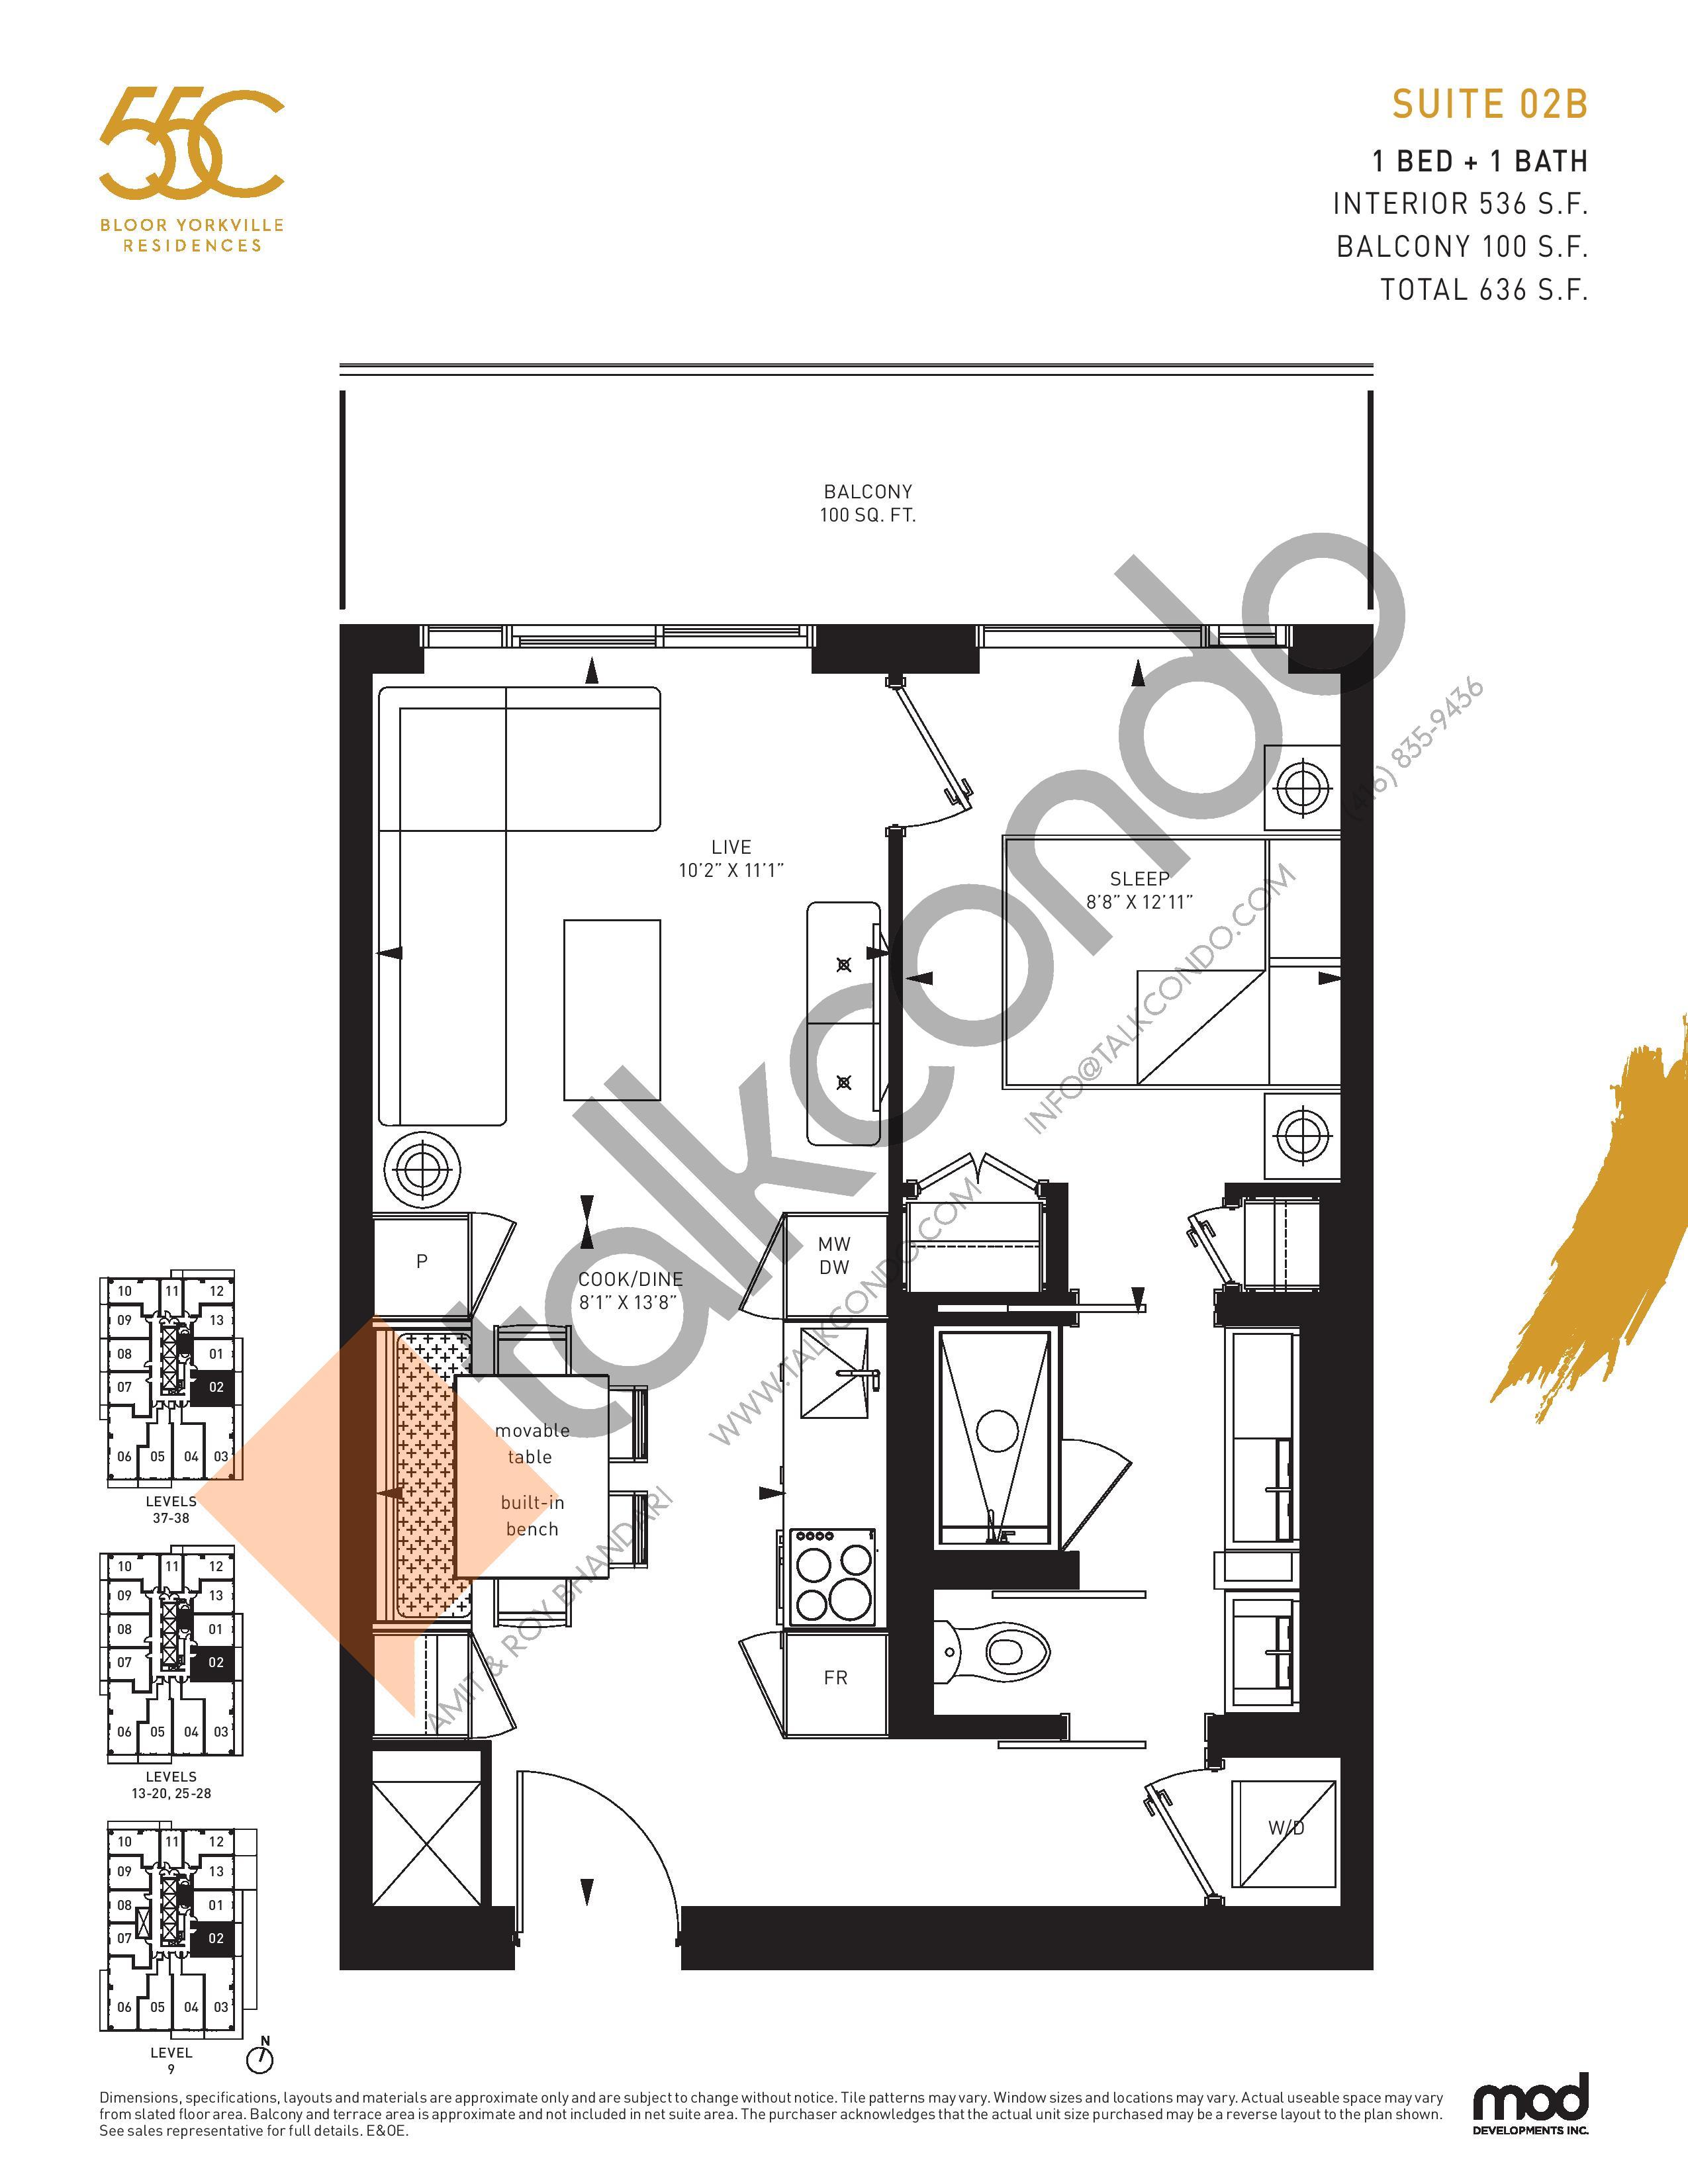 Suite 02B Floor Plan at 55C Condos - 536 sq.ft